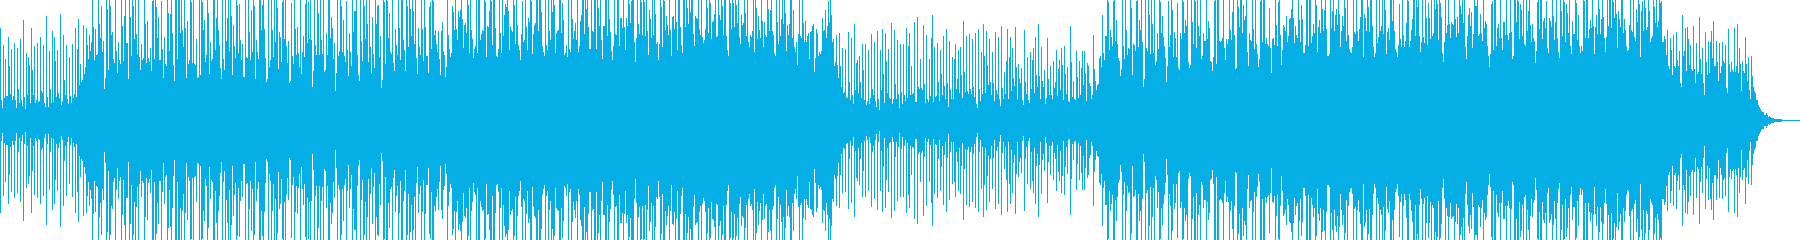 ブレイクビーツ ほのぼの 幸せ 感...の再生済みの波形